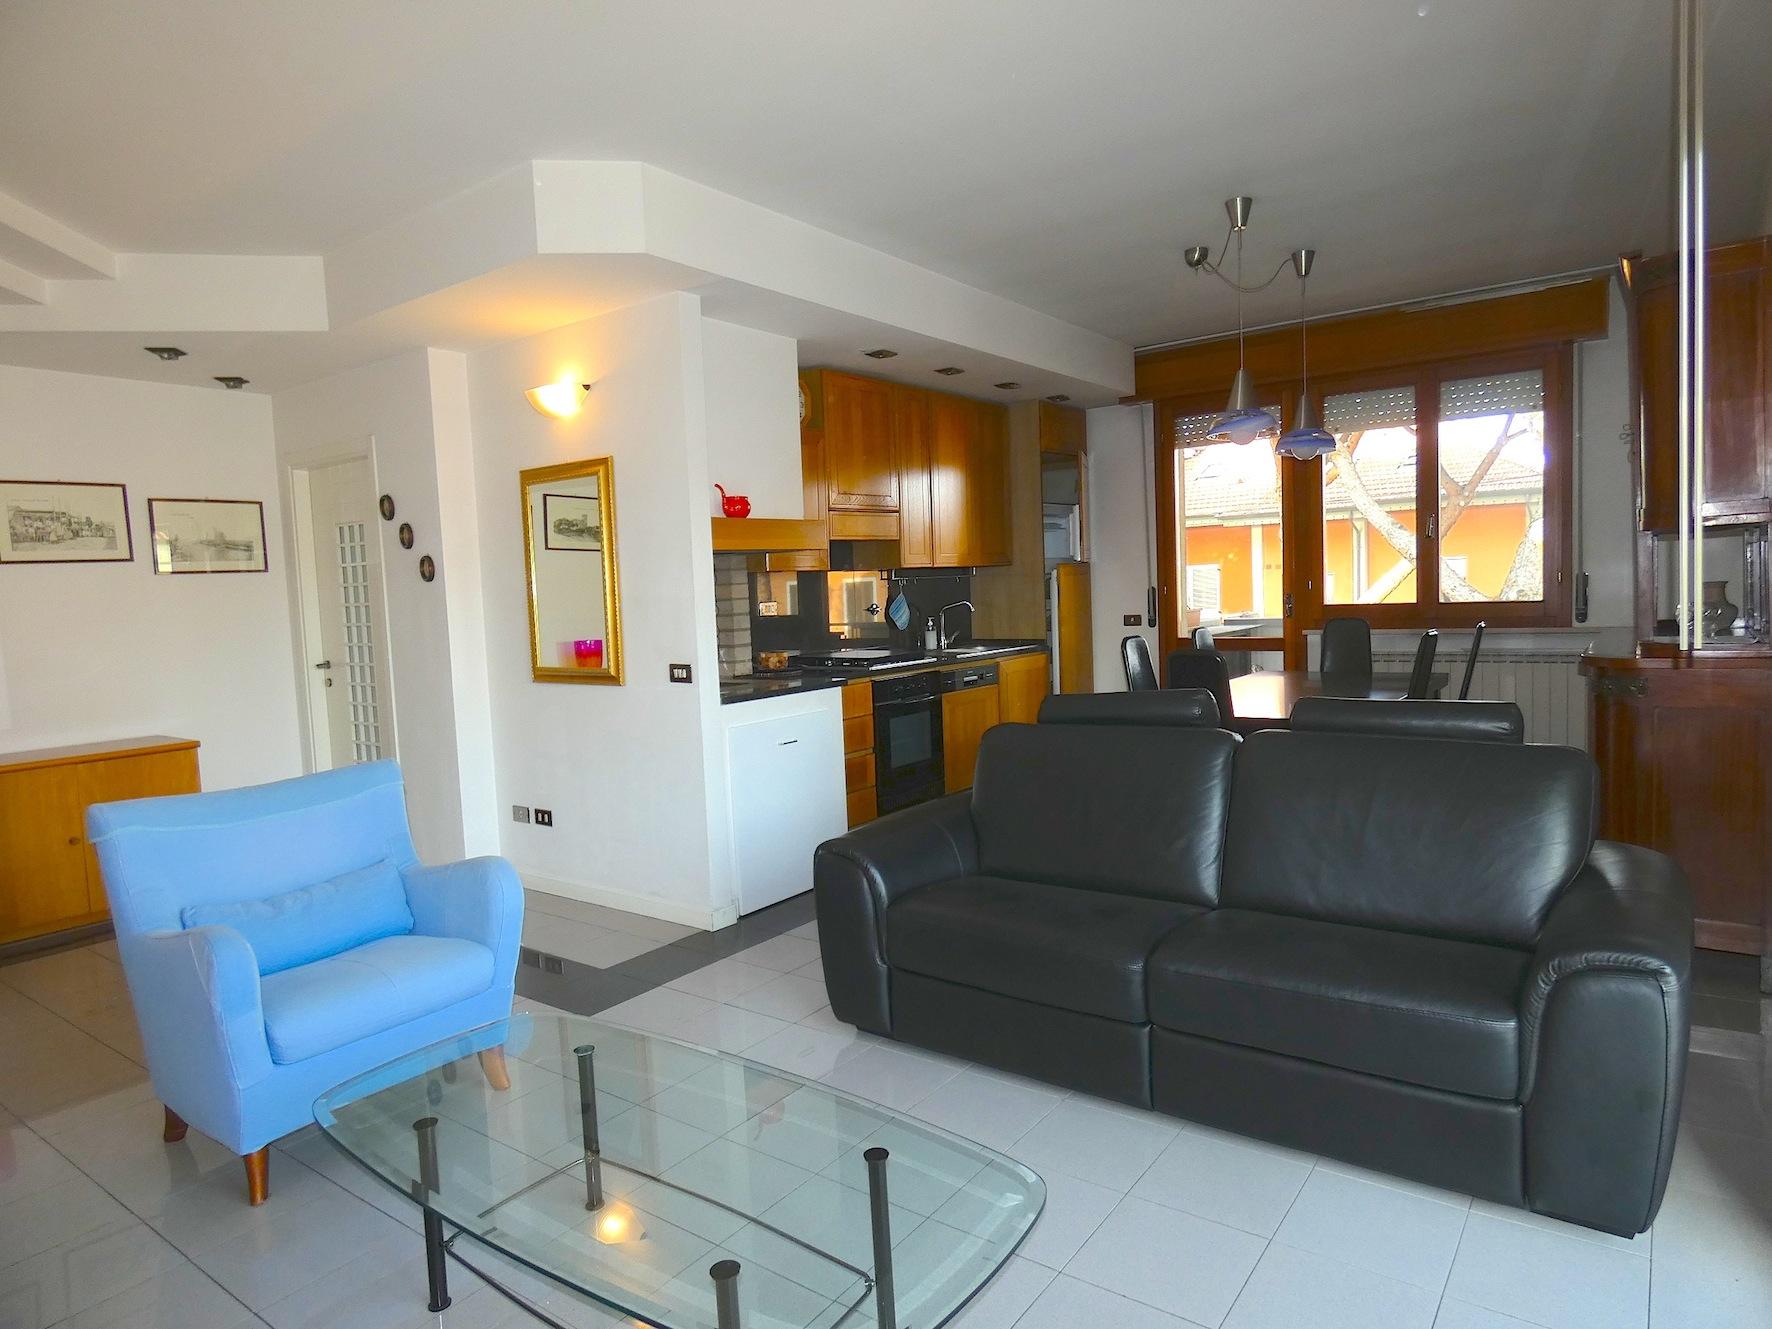 RICCIONE PAESE, Appartamento con 2 camere e terrazzi in affitto annuale